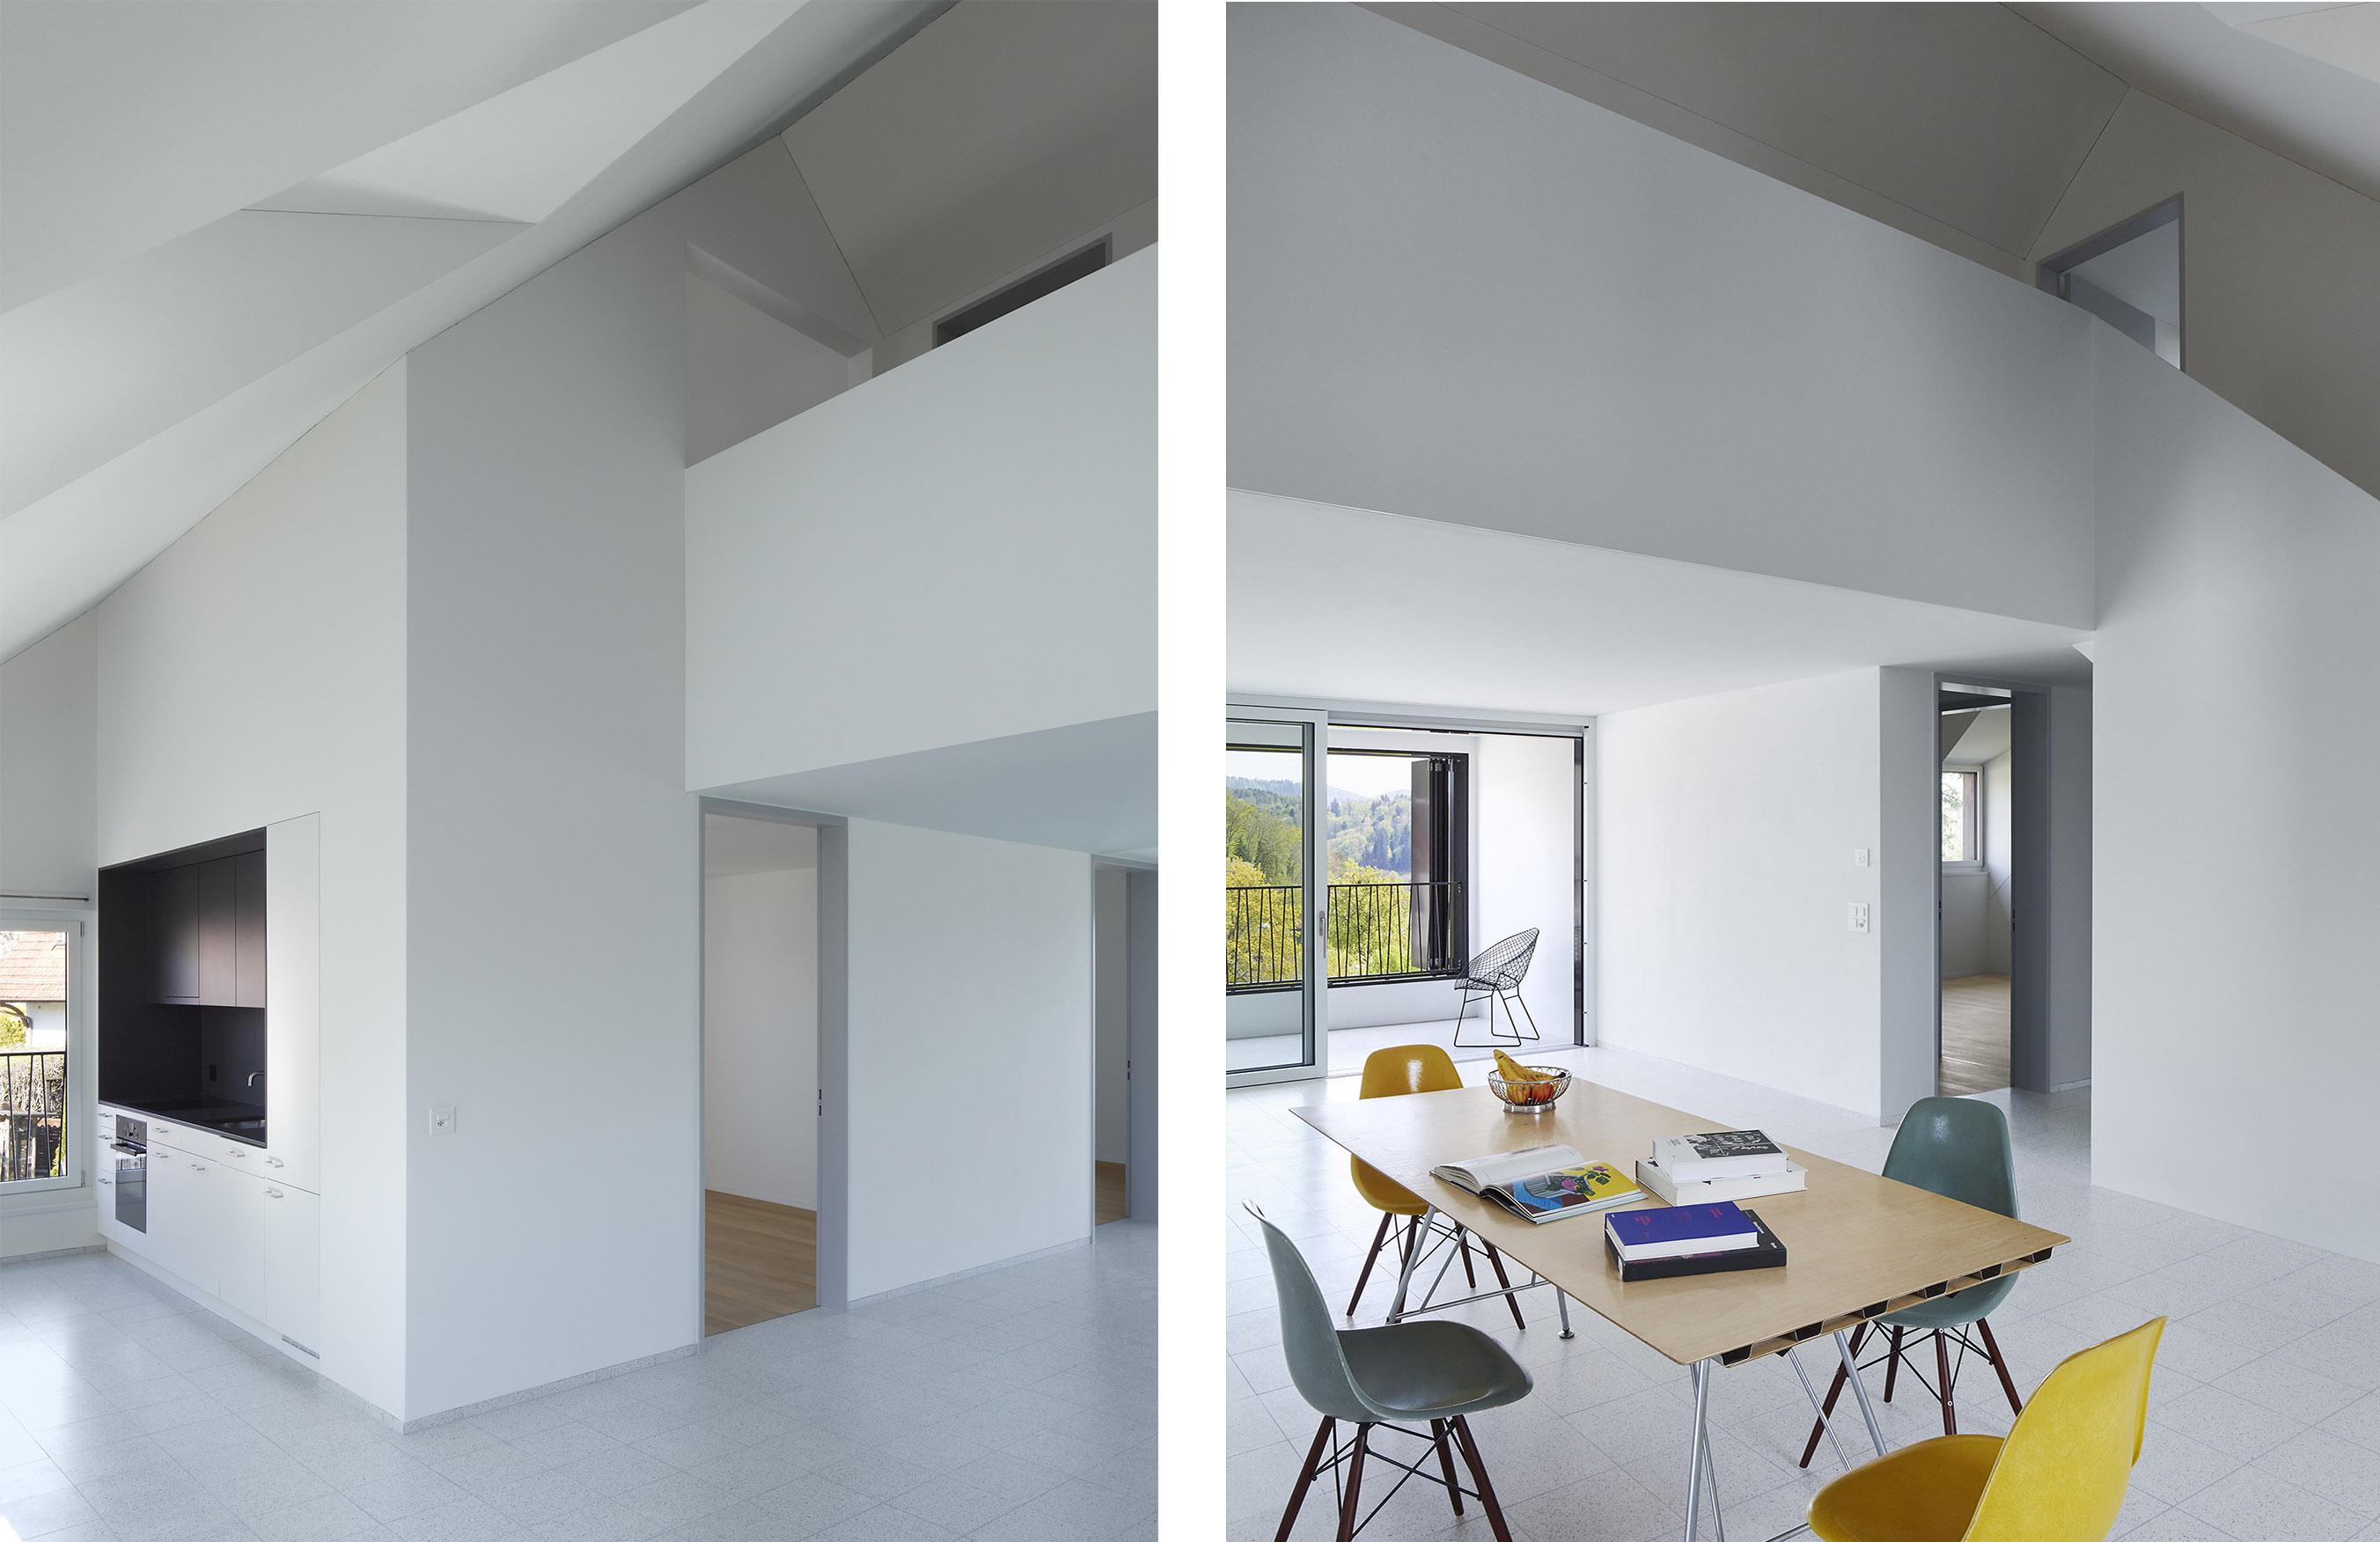 Küche mit Nischenkonzept / Essen-Wohnen im Dachgeschoss